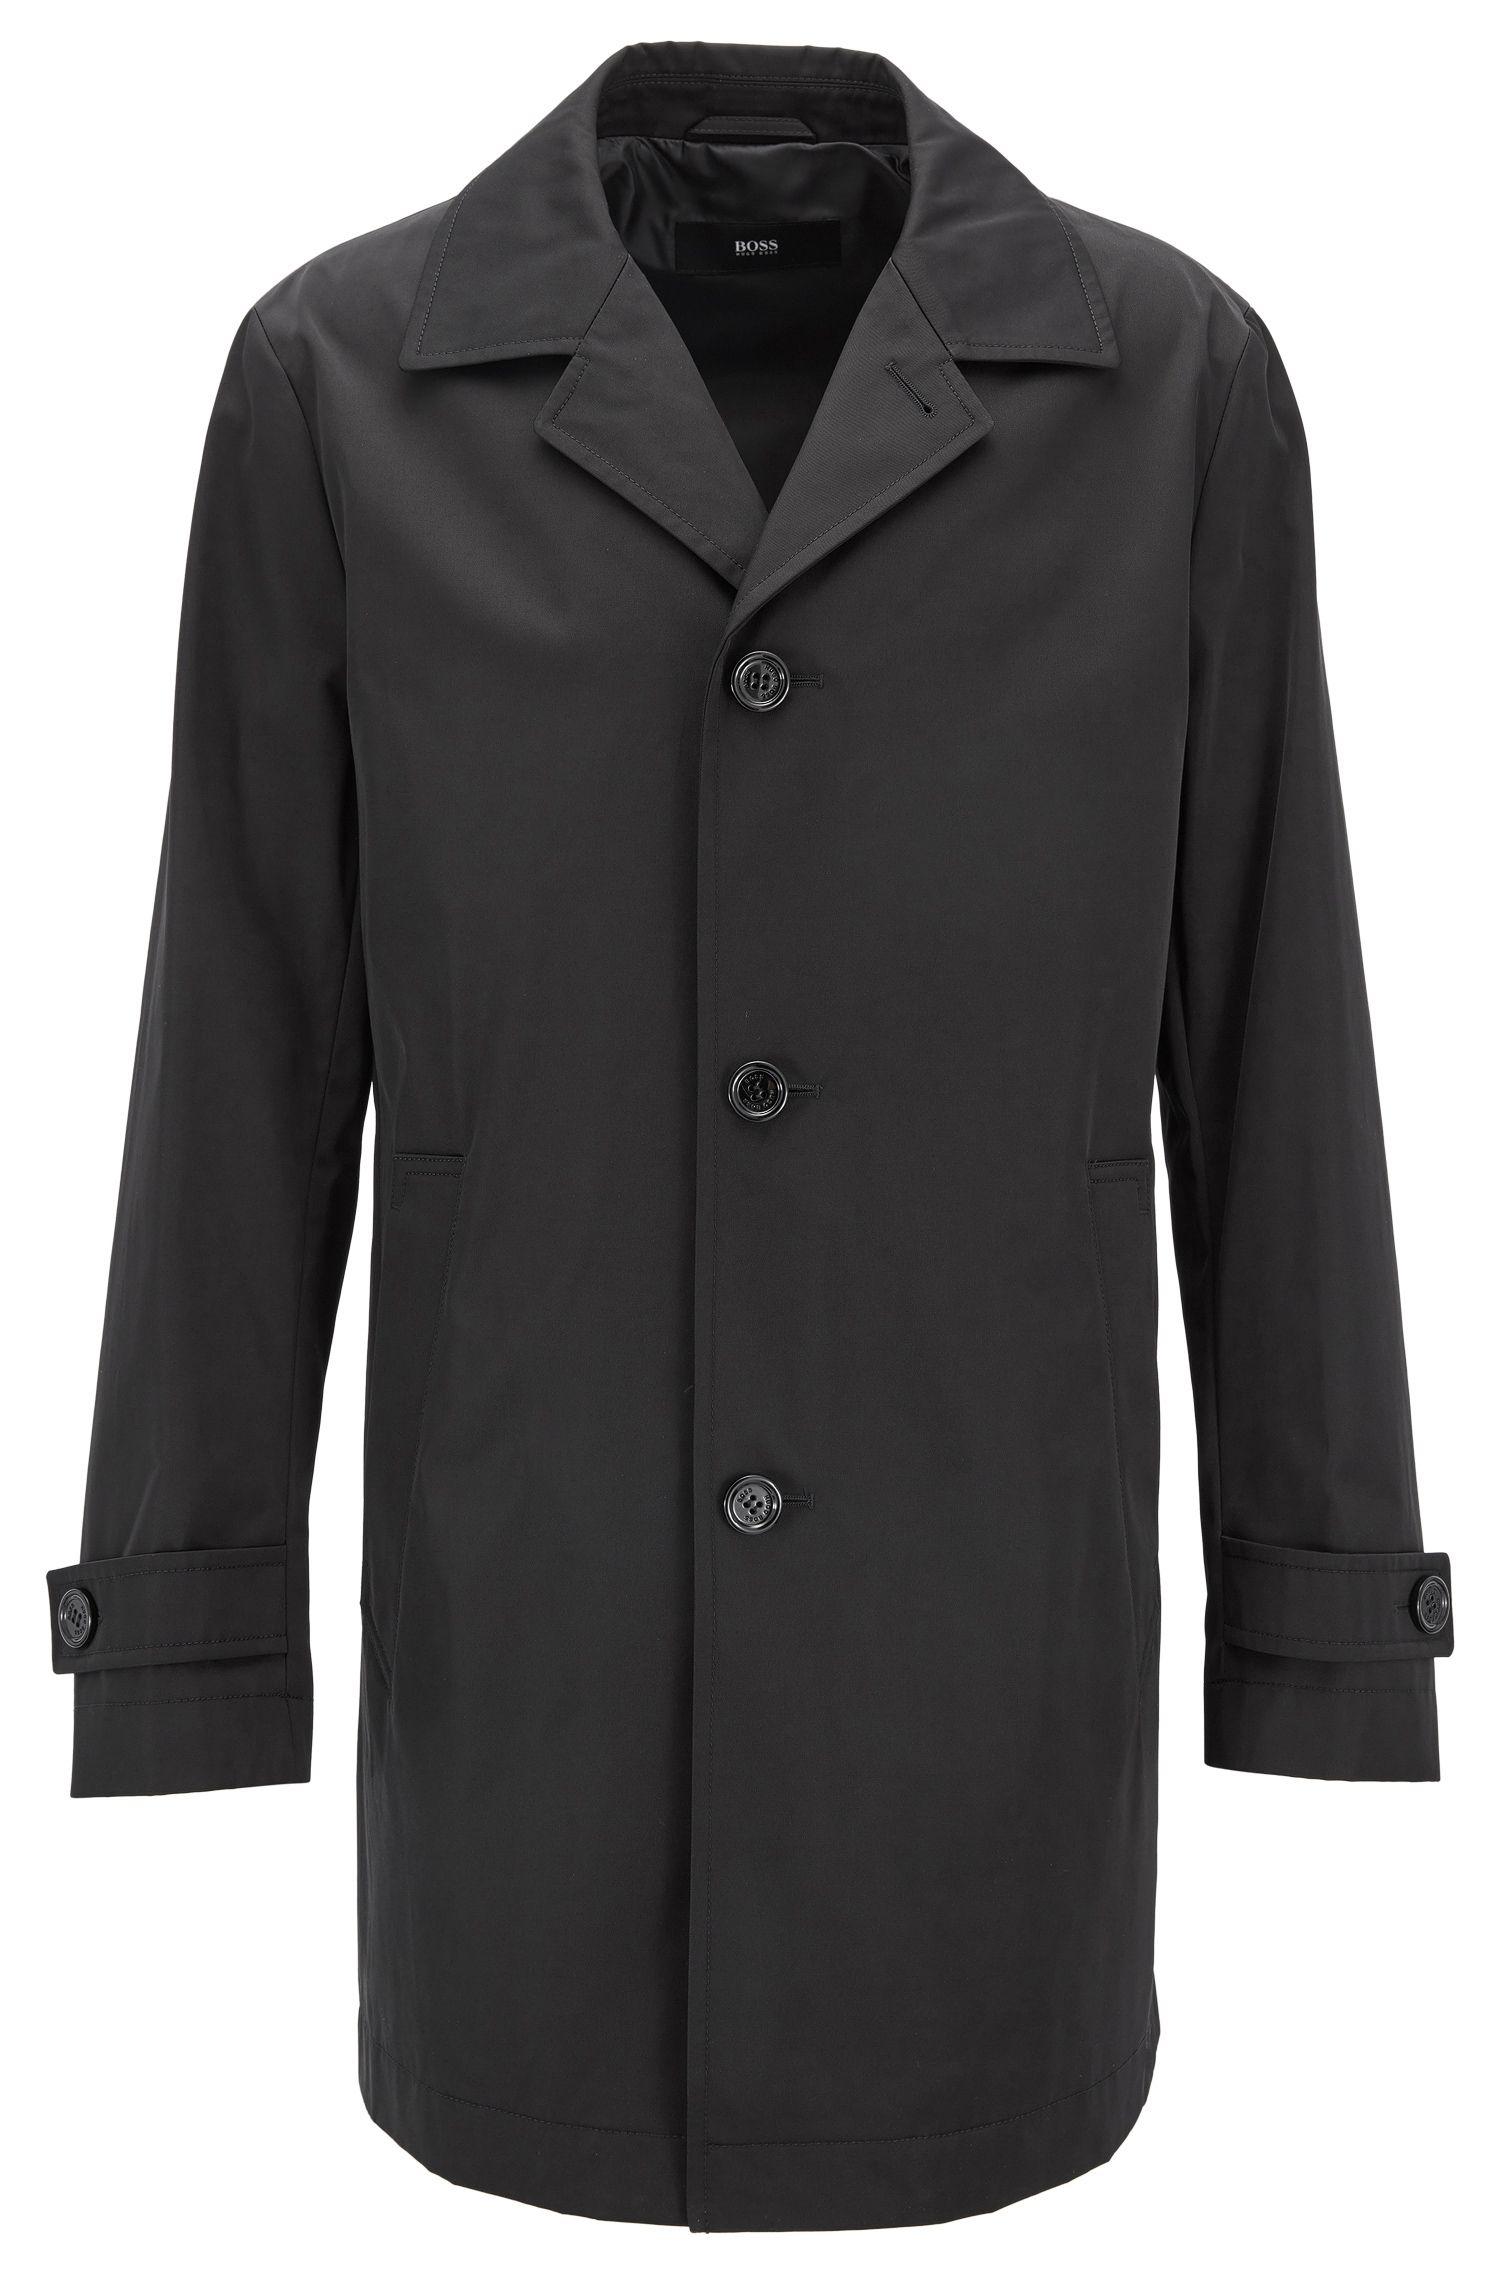 Mantel aus wasserabweisendem Twill